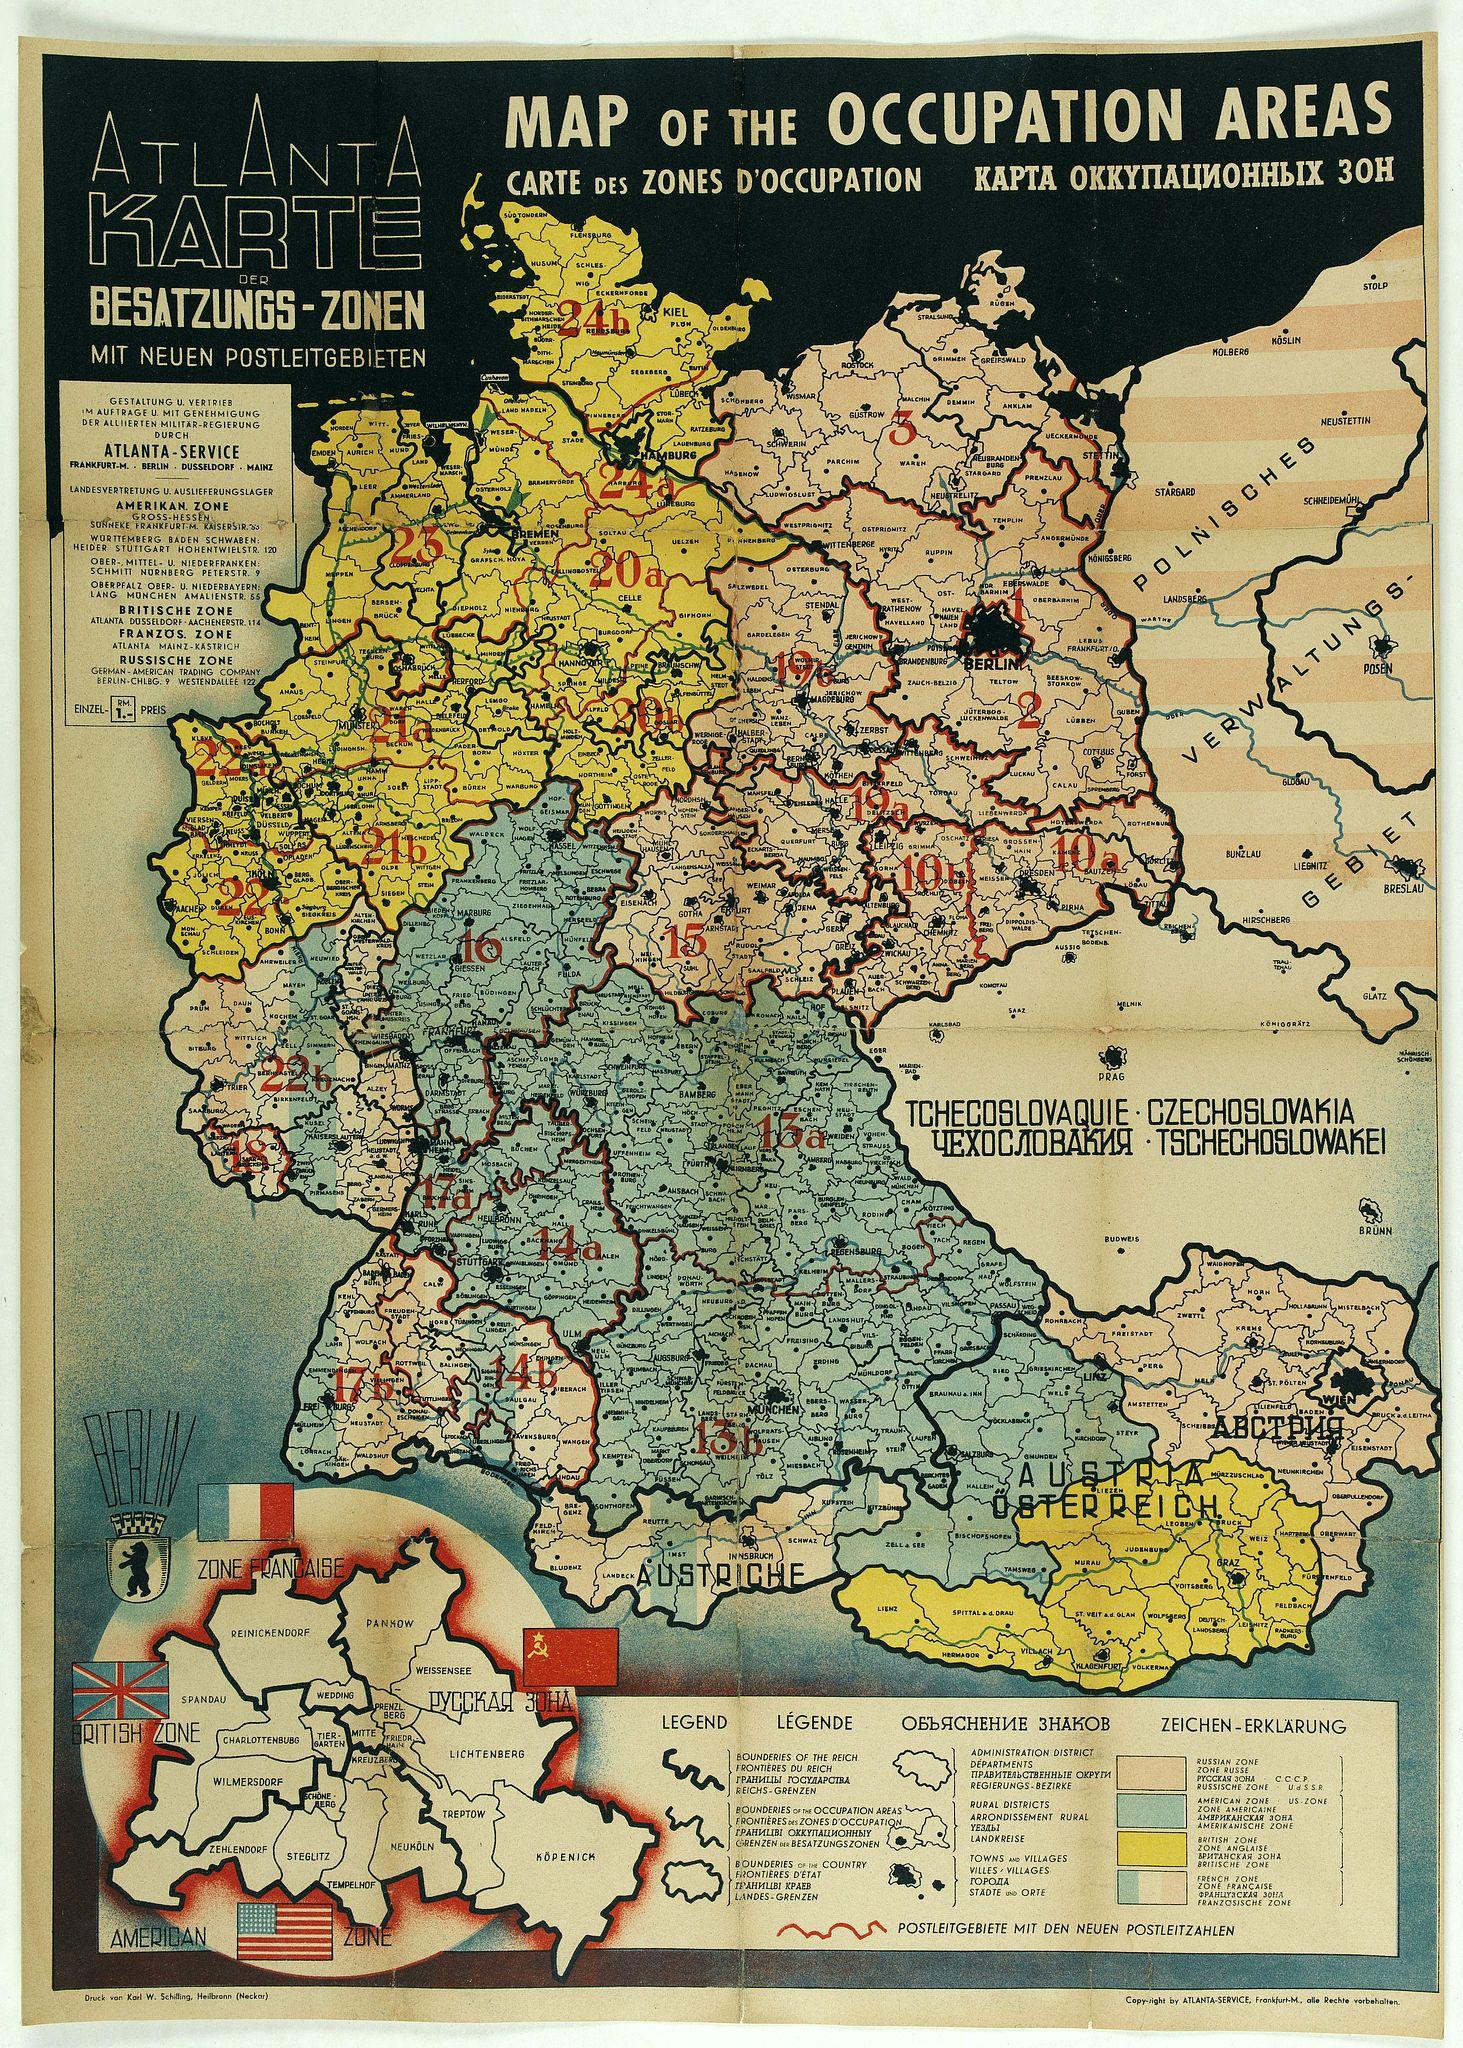 ATLANTA SERVICE -  Map of the Occupied Areas. Carte des Zones d'Occupation. Der Besatzungs-Zonen mit Neuen Postleitgebieten. Karta Okkupacionnych Zon [in Cyrillic.]